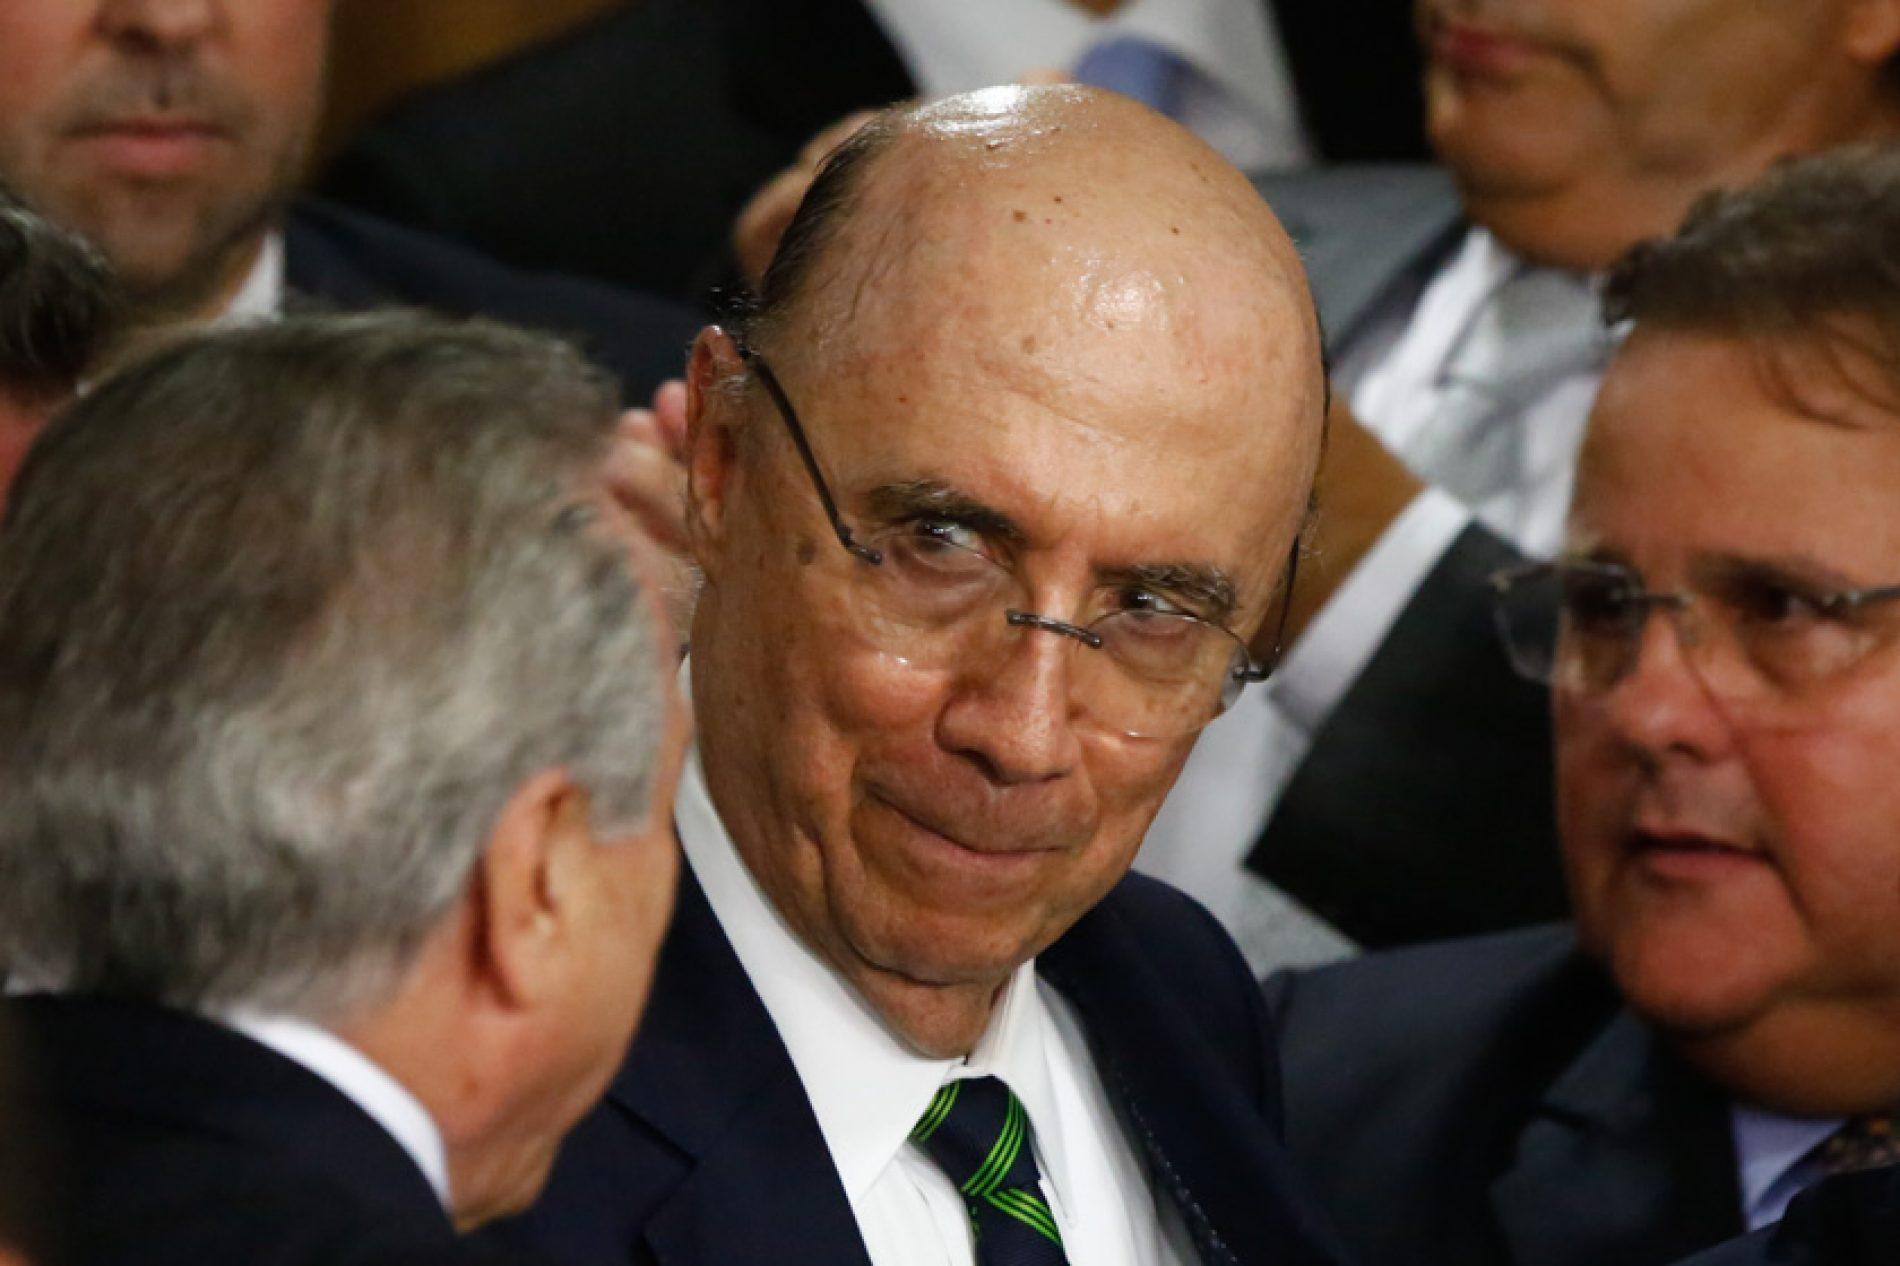 Partidos aliados articulam saída negociada, evitando eleições diretas